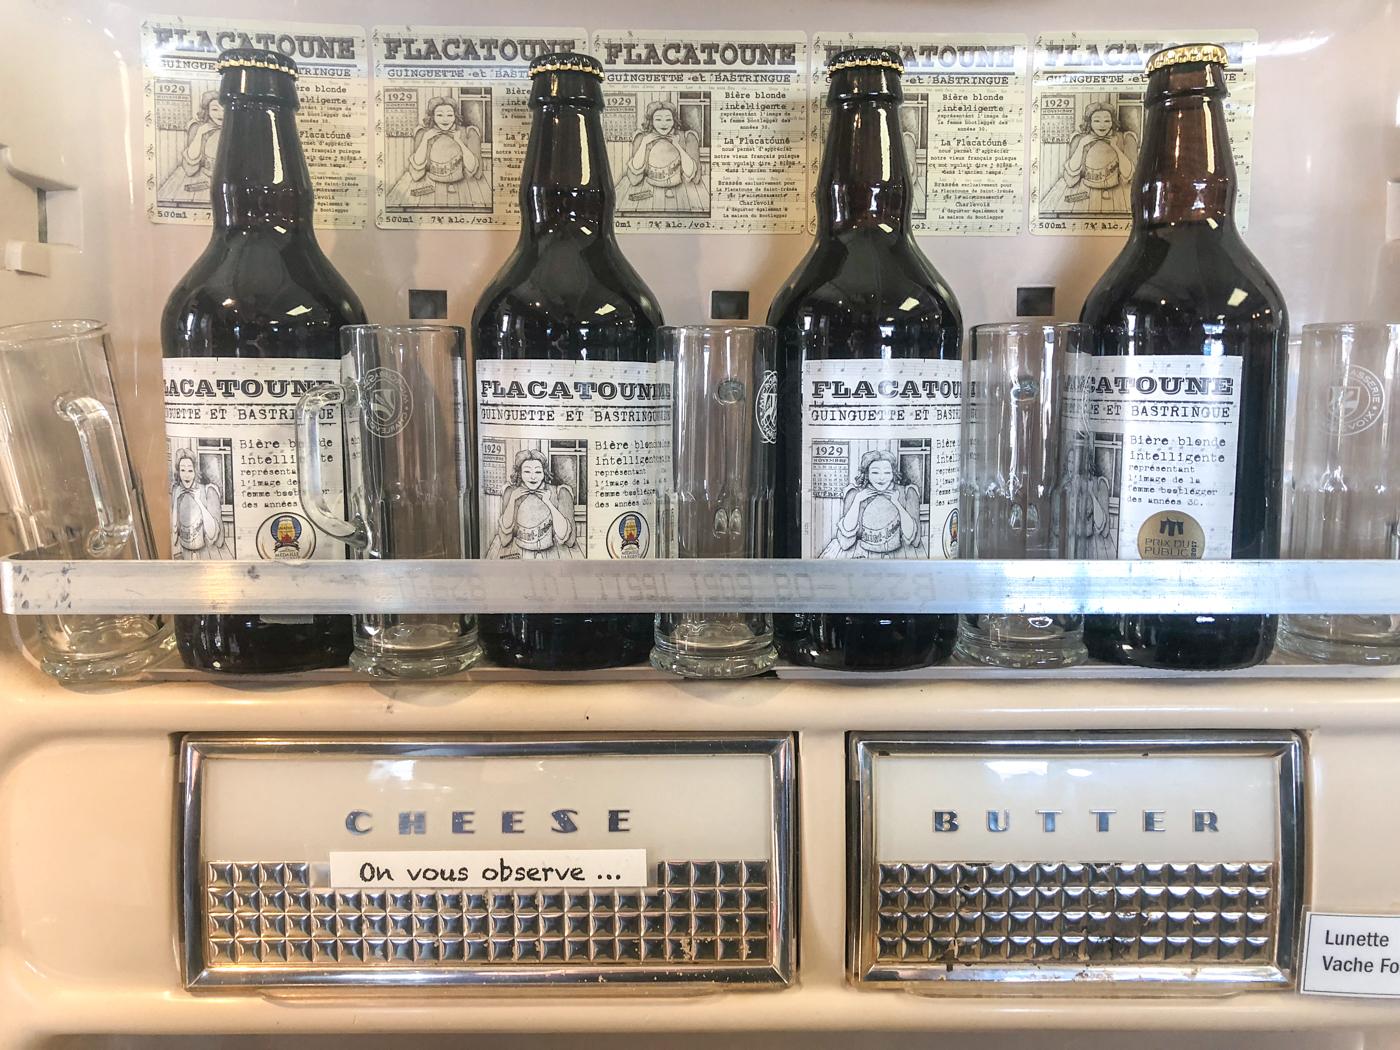 Bouteilles de bière - Étalage de la Flacatoune à Charlevoix